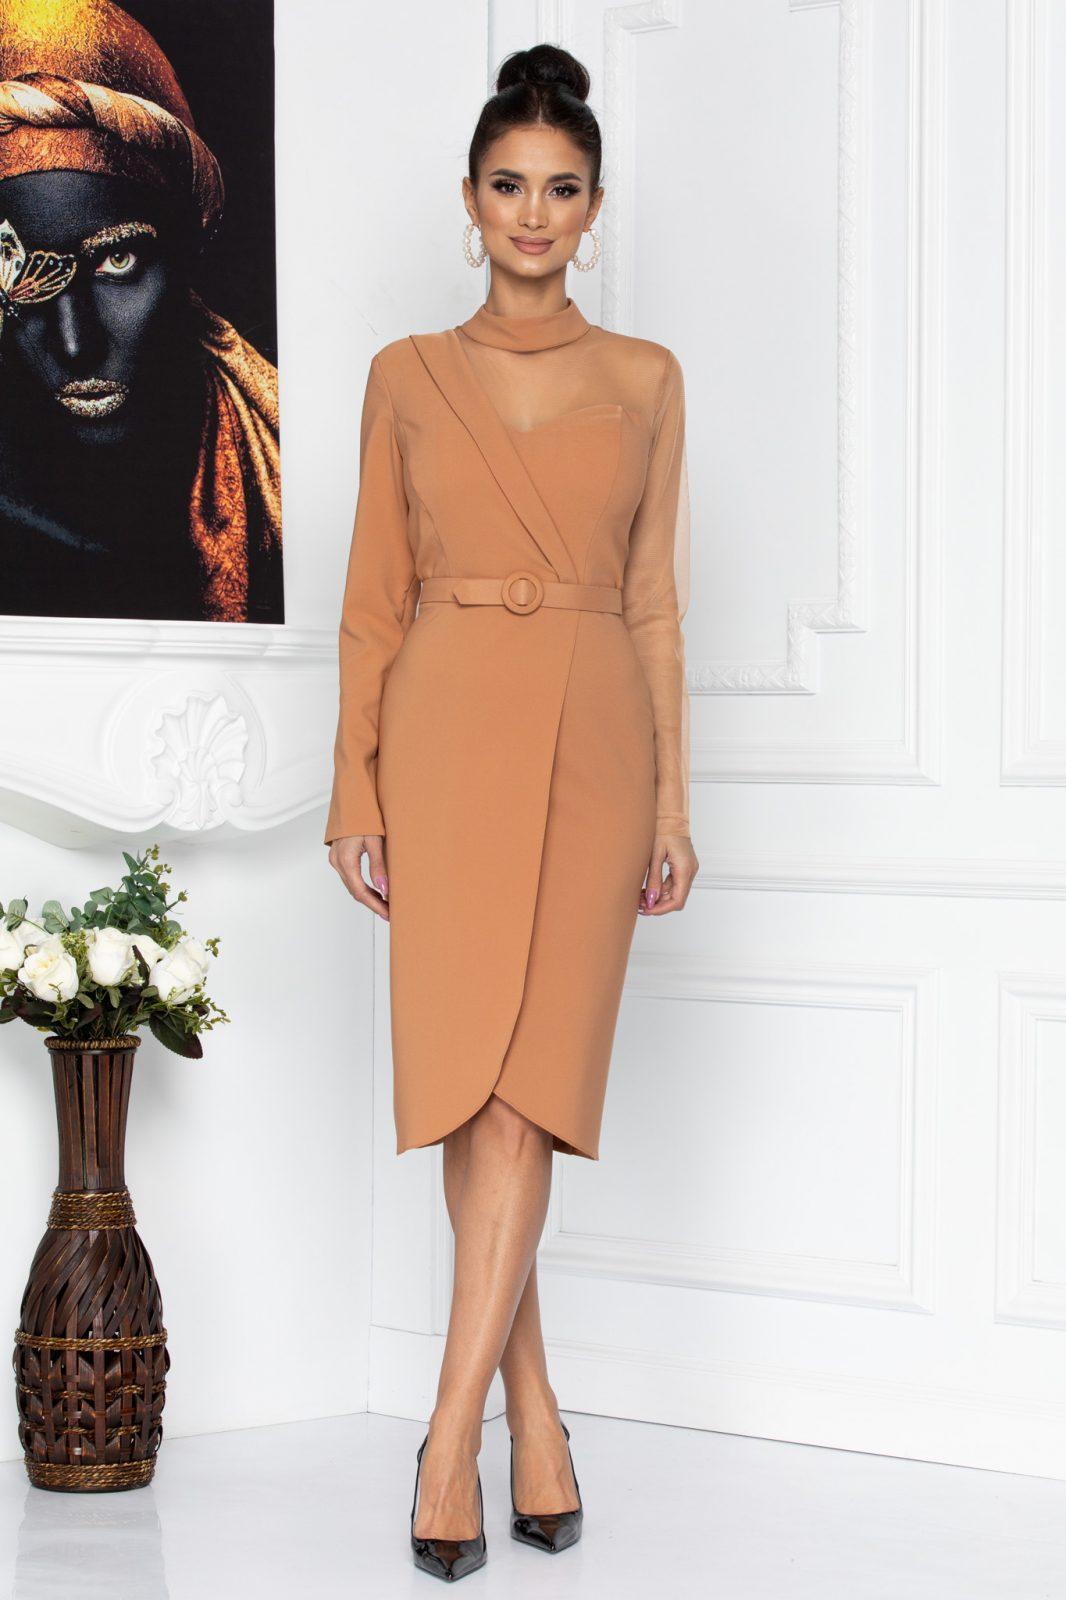 Καραμελέ Βραδινό Φόρεμα Adette 8679 2